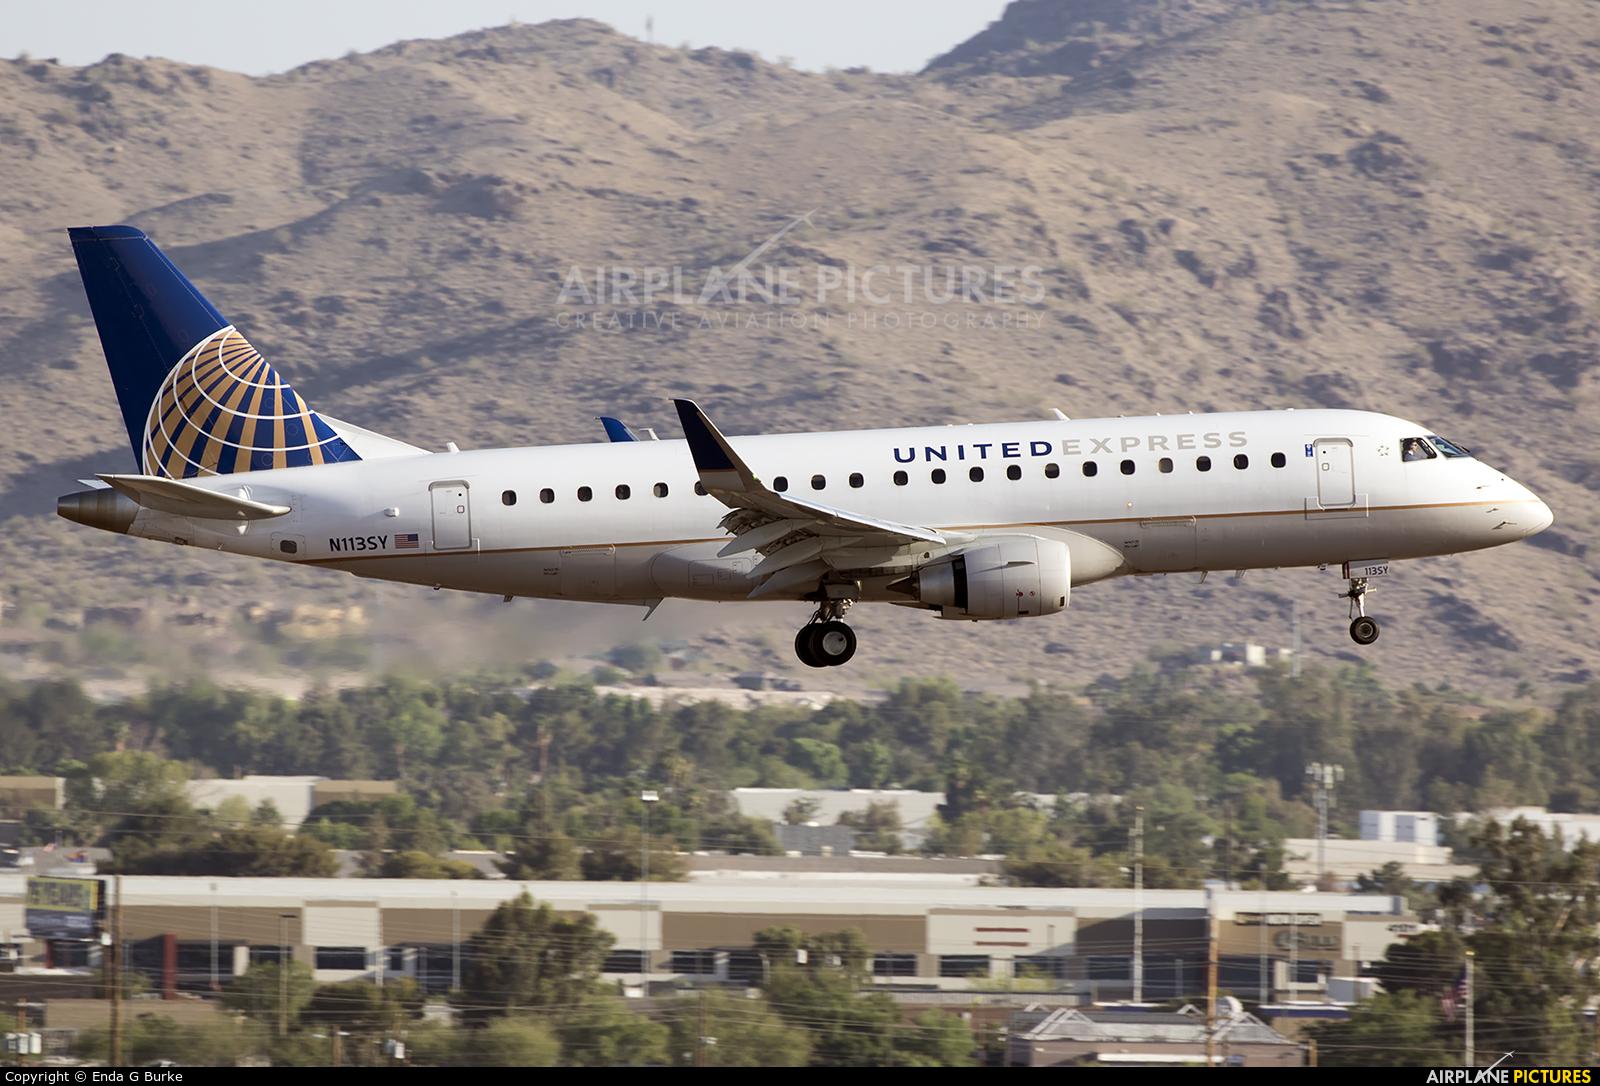 United Express N113SY aircraft at Phoenix - Sky Harbor Intl